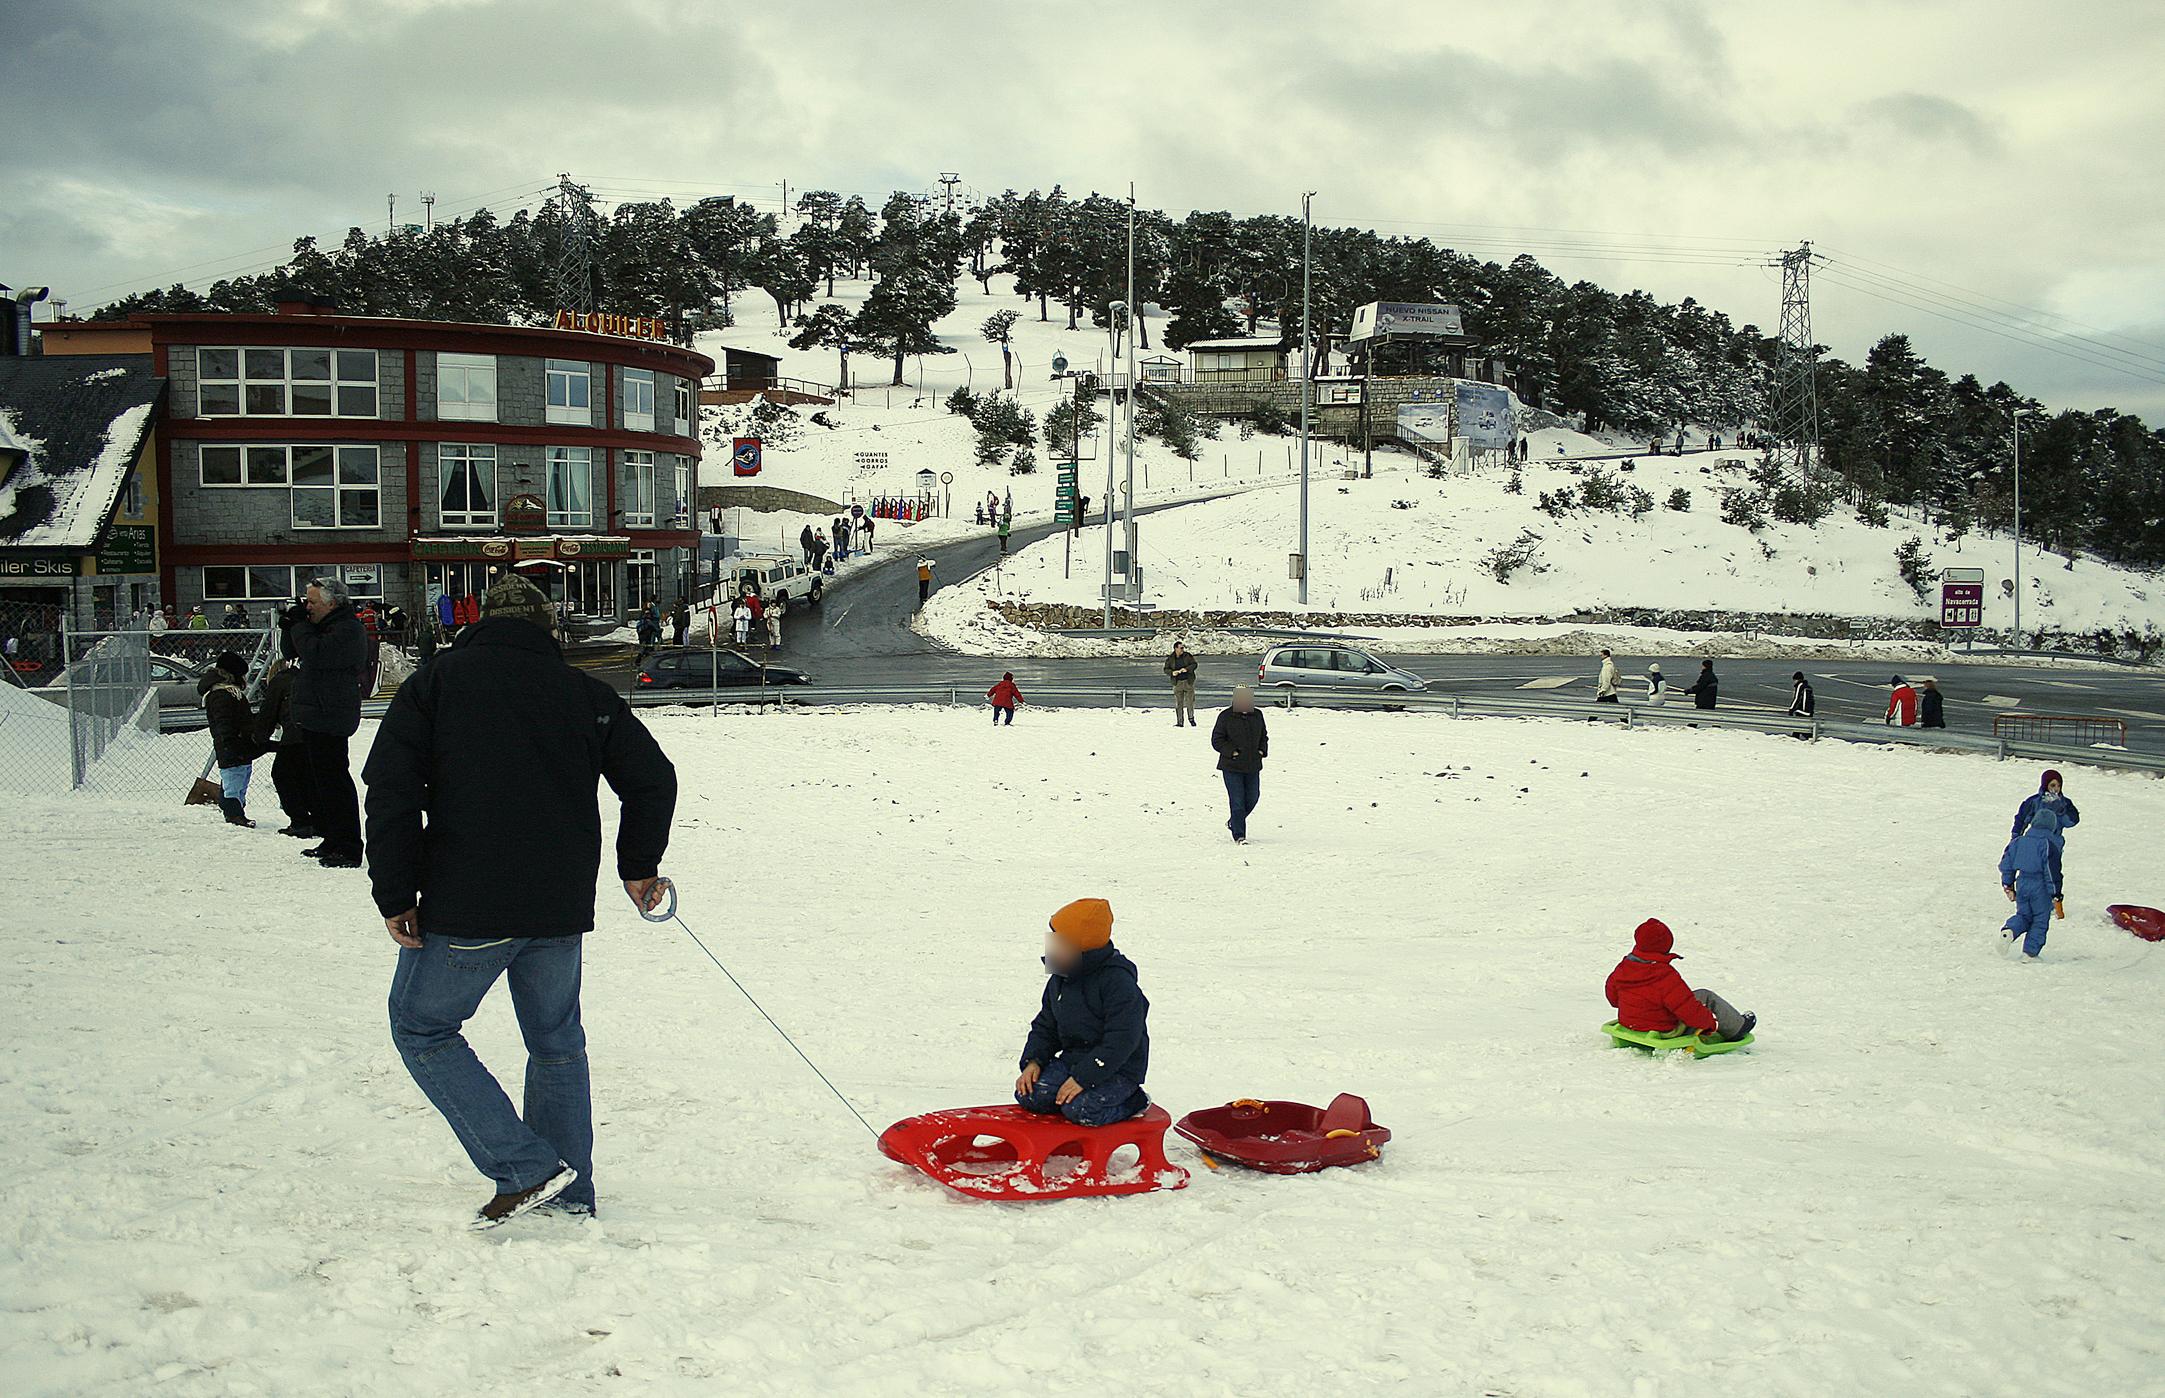 Las 9 mejores estaciones de esquí en España 1